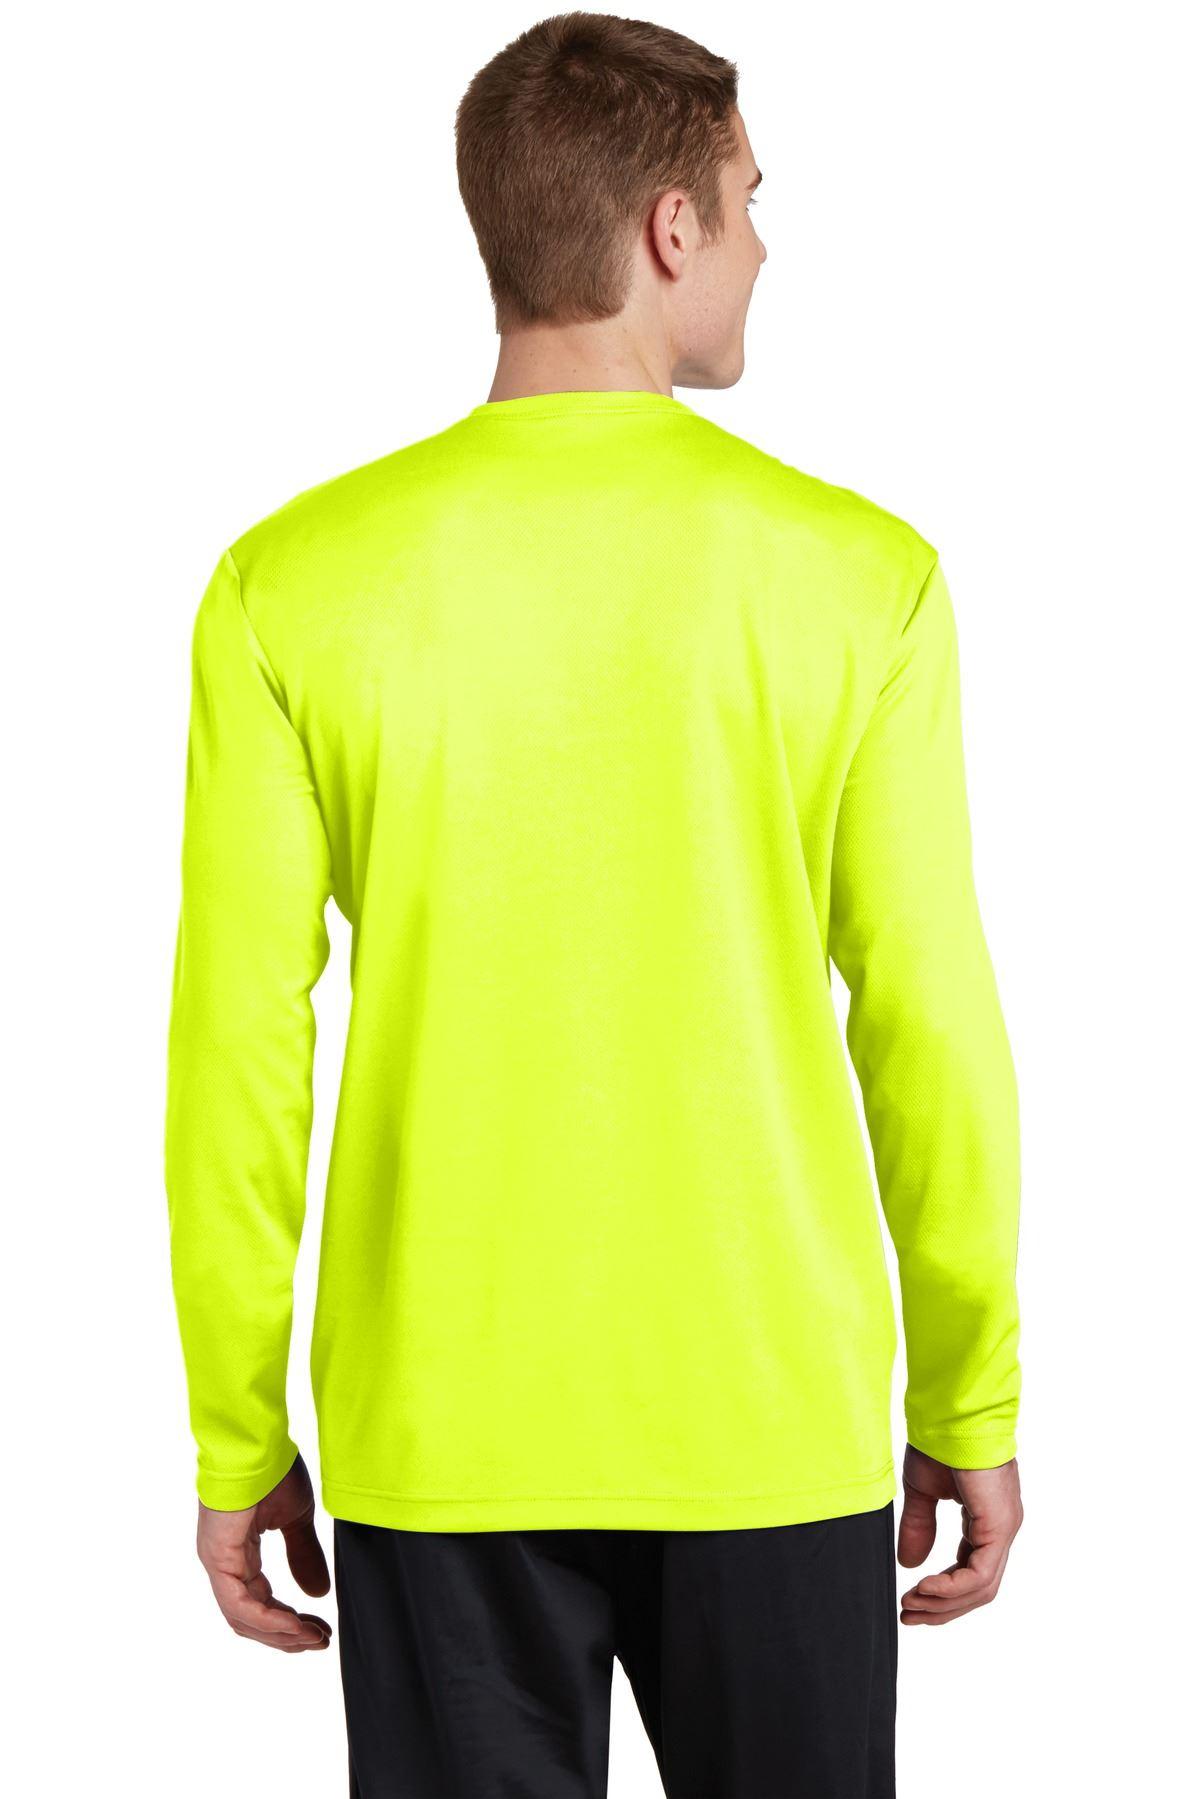 thumbnail 13 - Sport-Tek Men's Dry-Fit RacerMesh Moisture Wicking Long Sleeve T-Shirt ST340LS